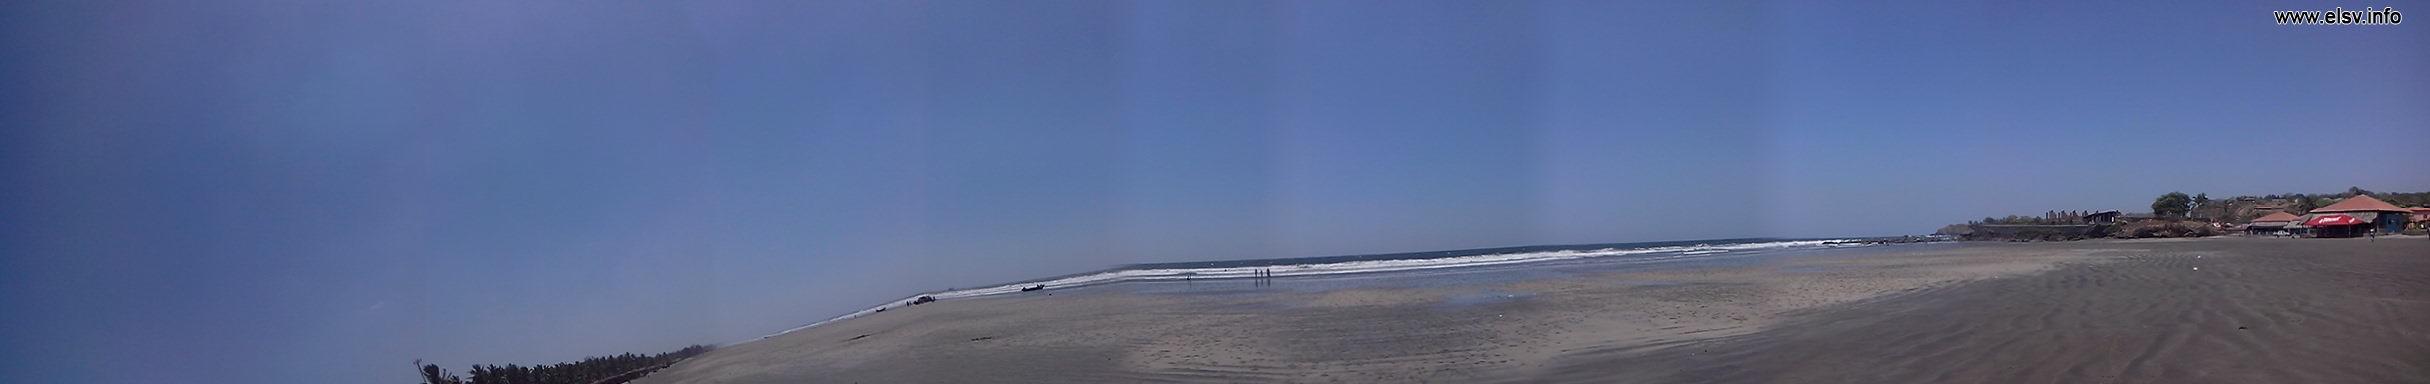 Imágenes de Playa el Cuco